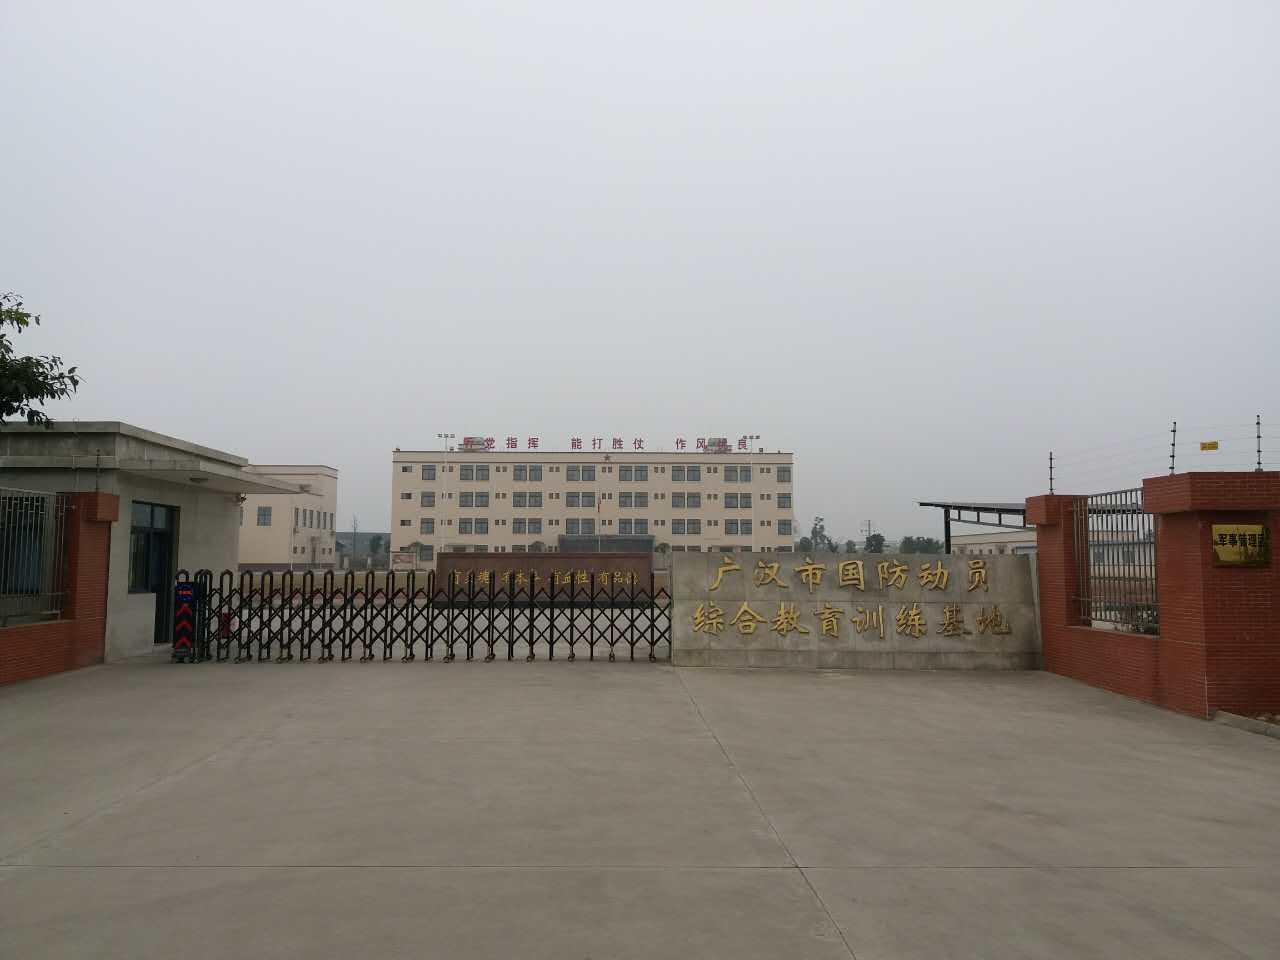 廣漢市國防動員綜合教育訓練基地